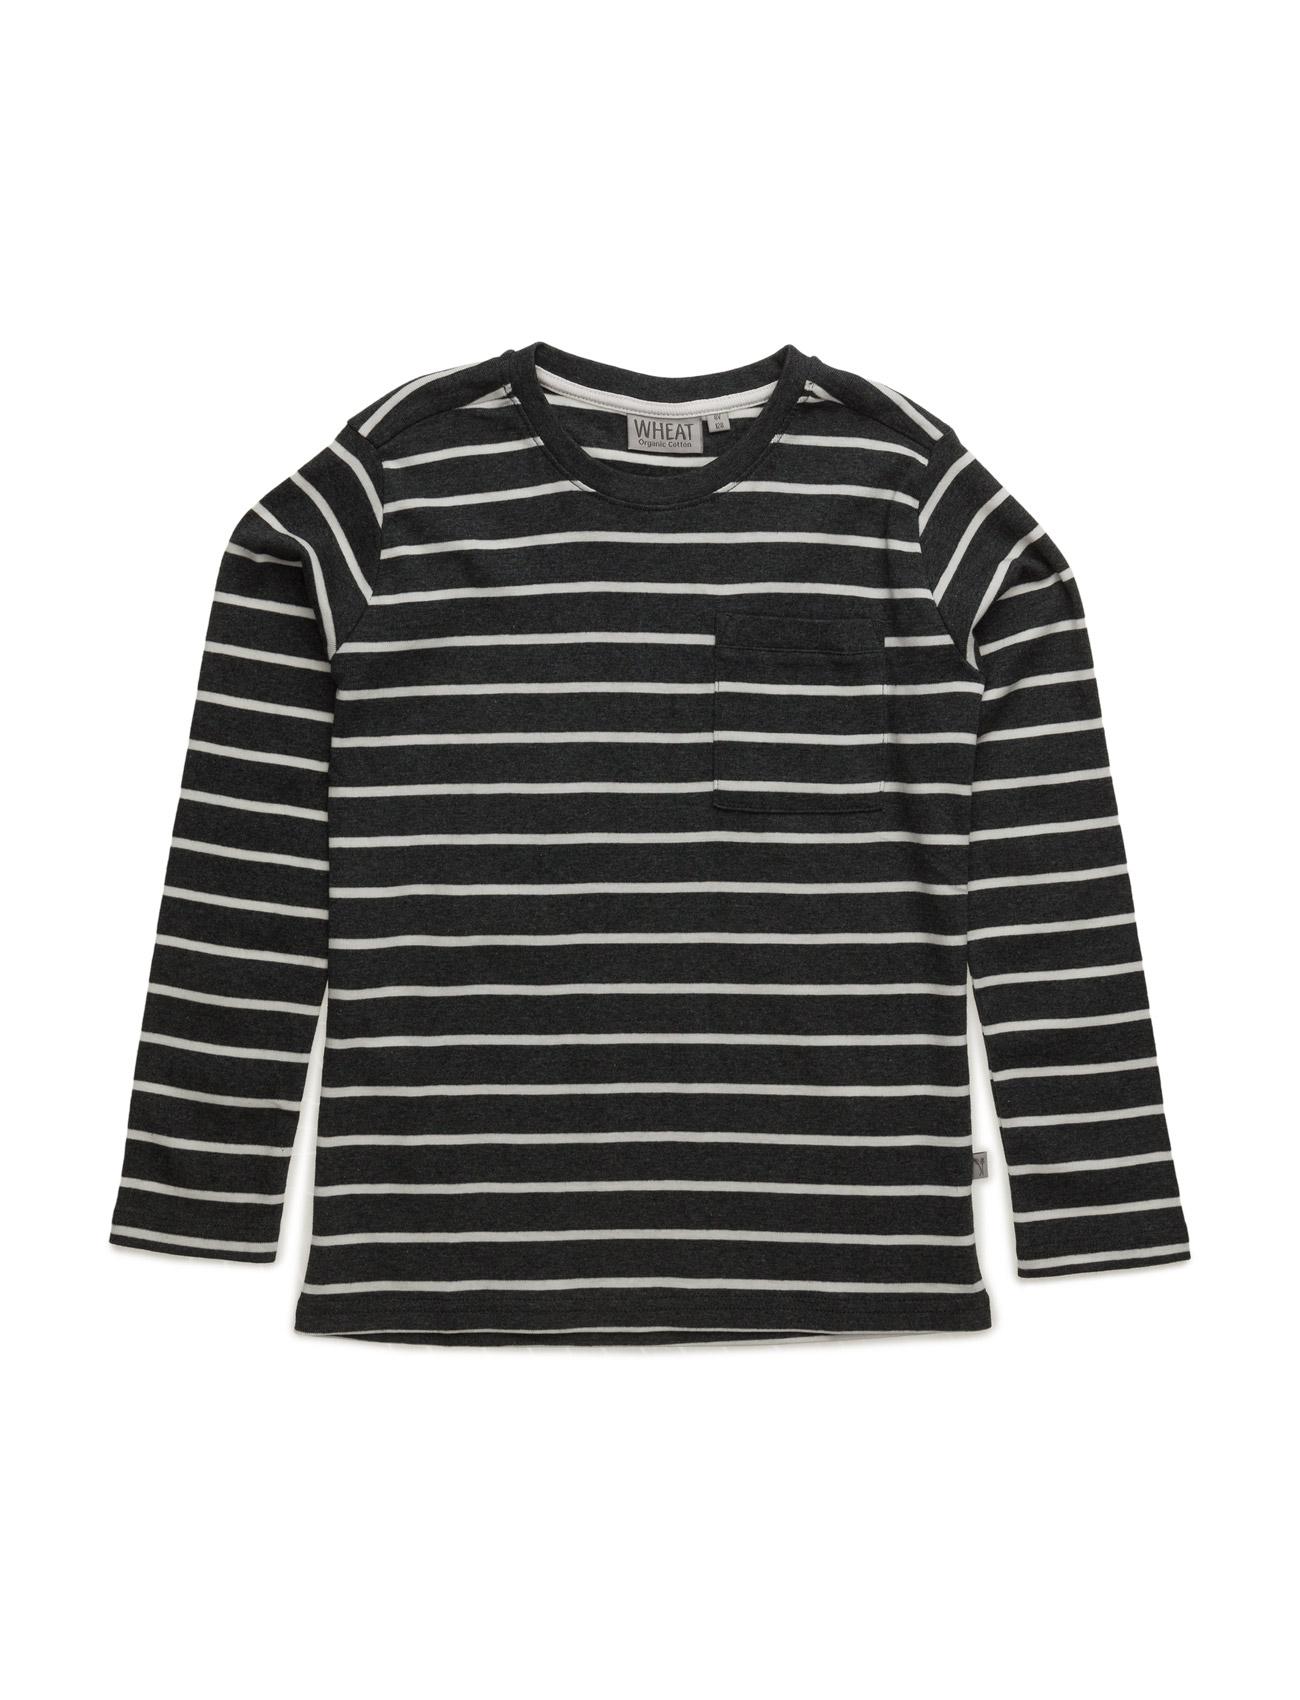 T-Shirt Jesper Wheat Langærmede t-shirts til Børn i